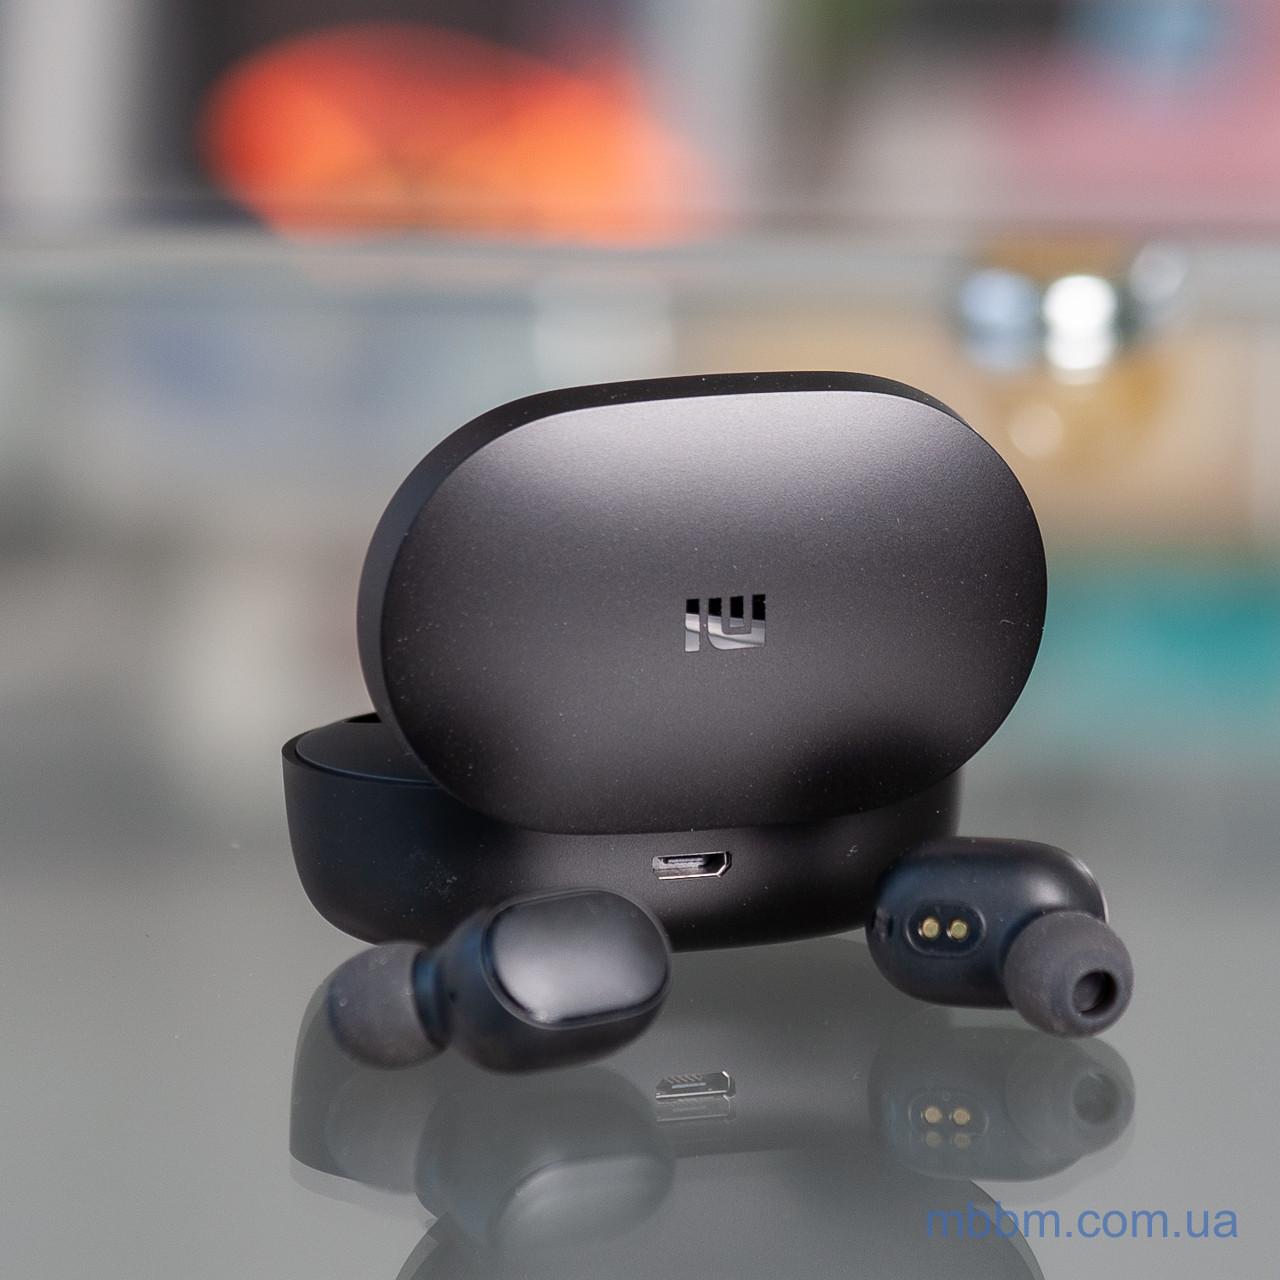 Гарнітура bluetooth Xiaomi Mi True Wireless Навушники Basic 2 2020 Оригінал! TWS